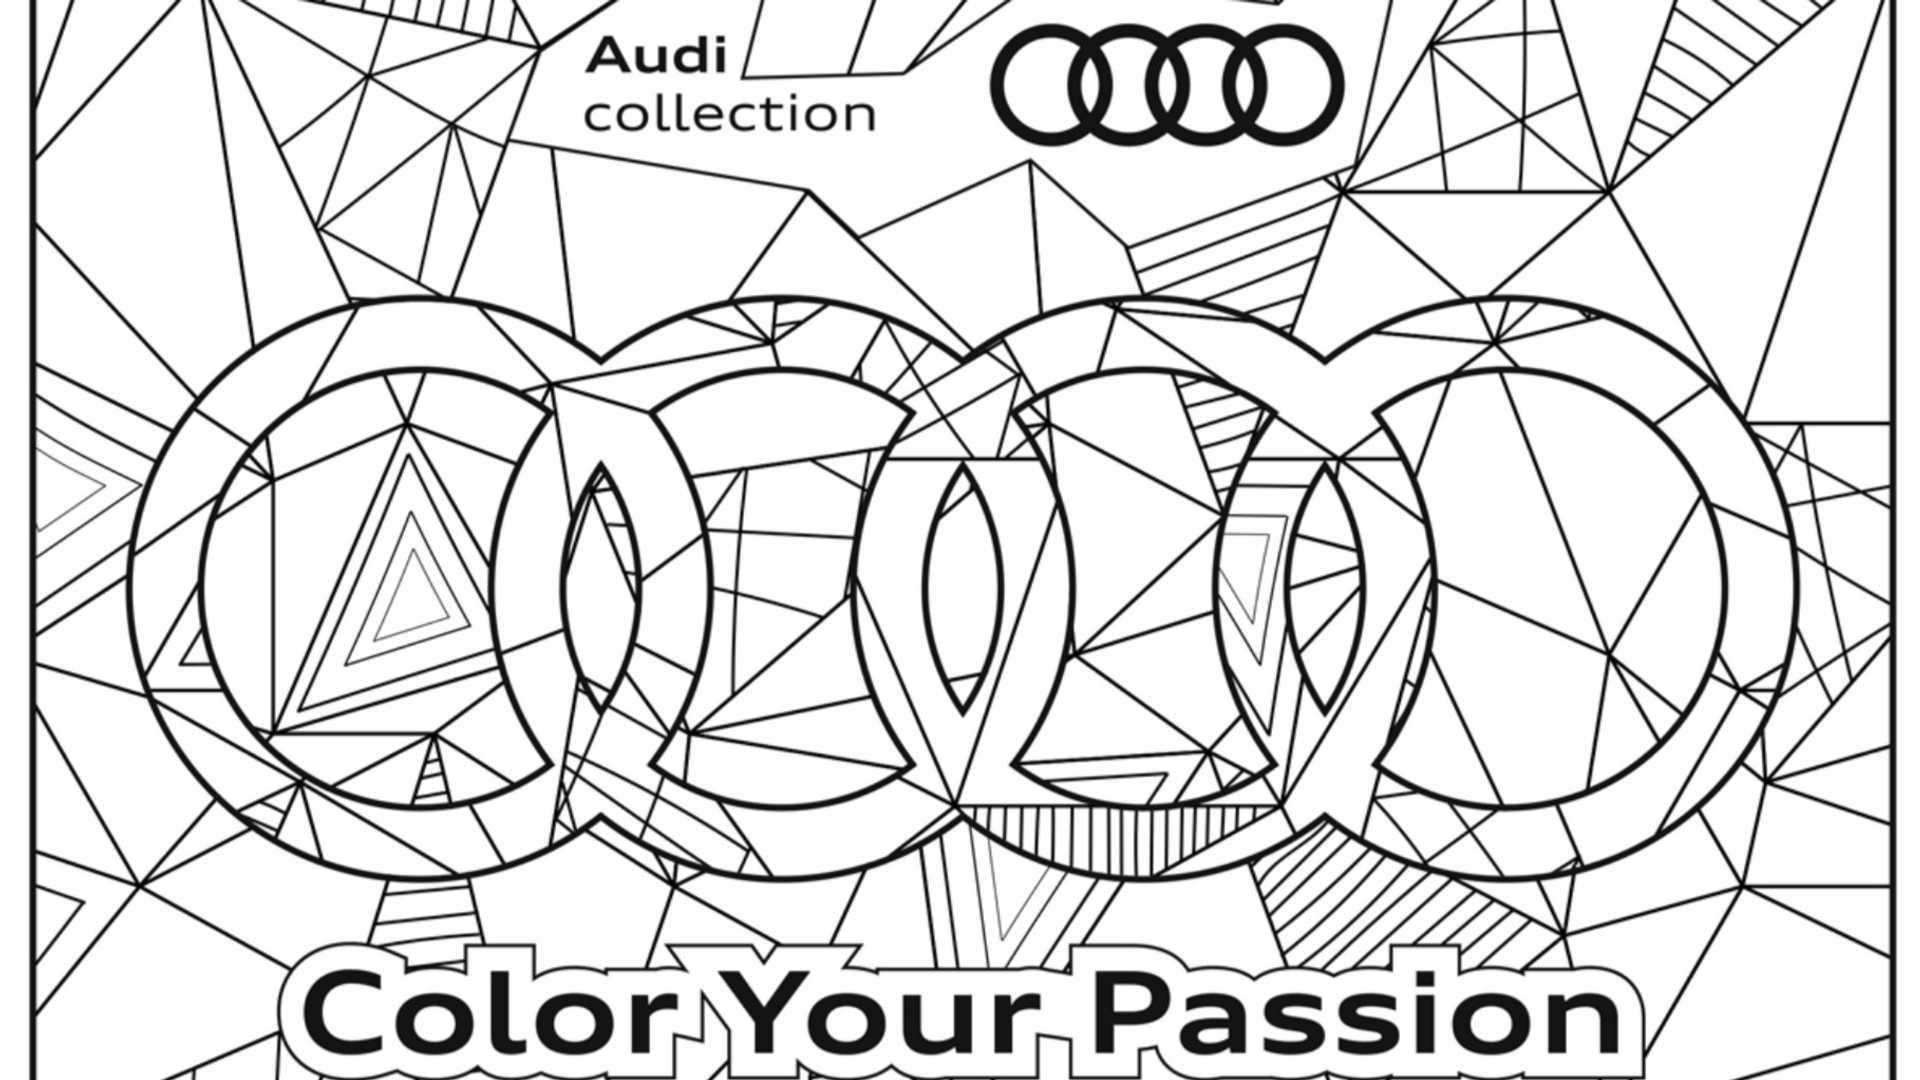 audi-coloring-book